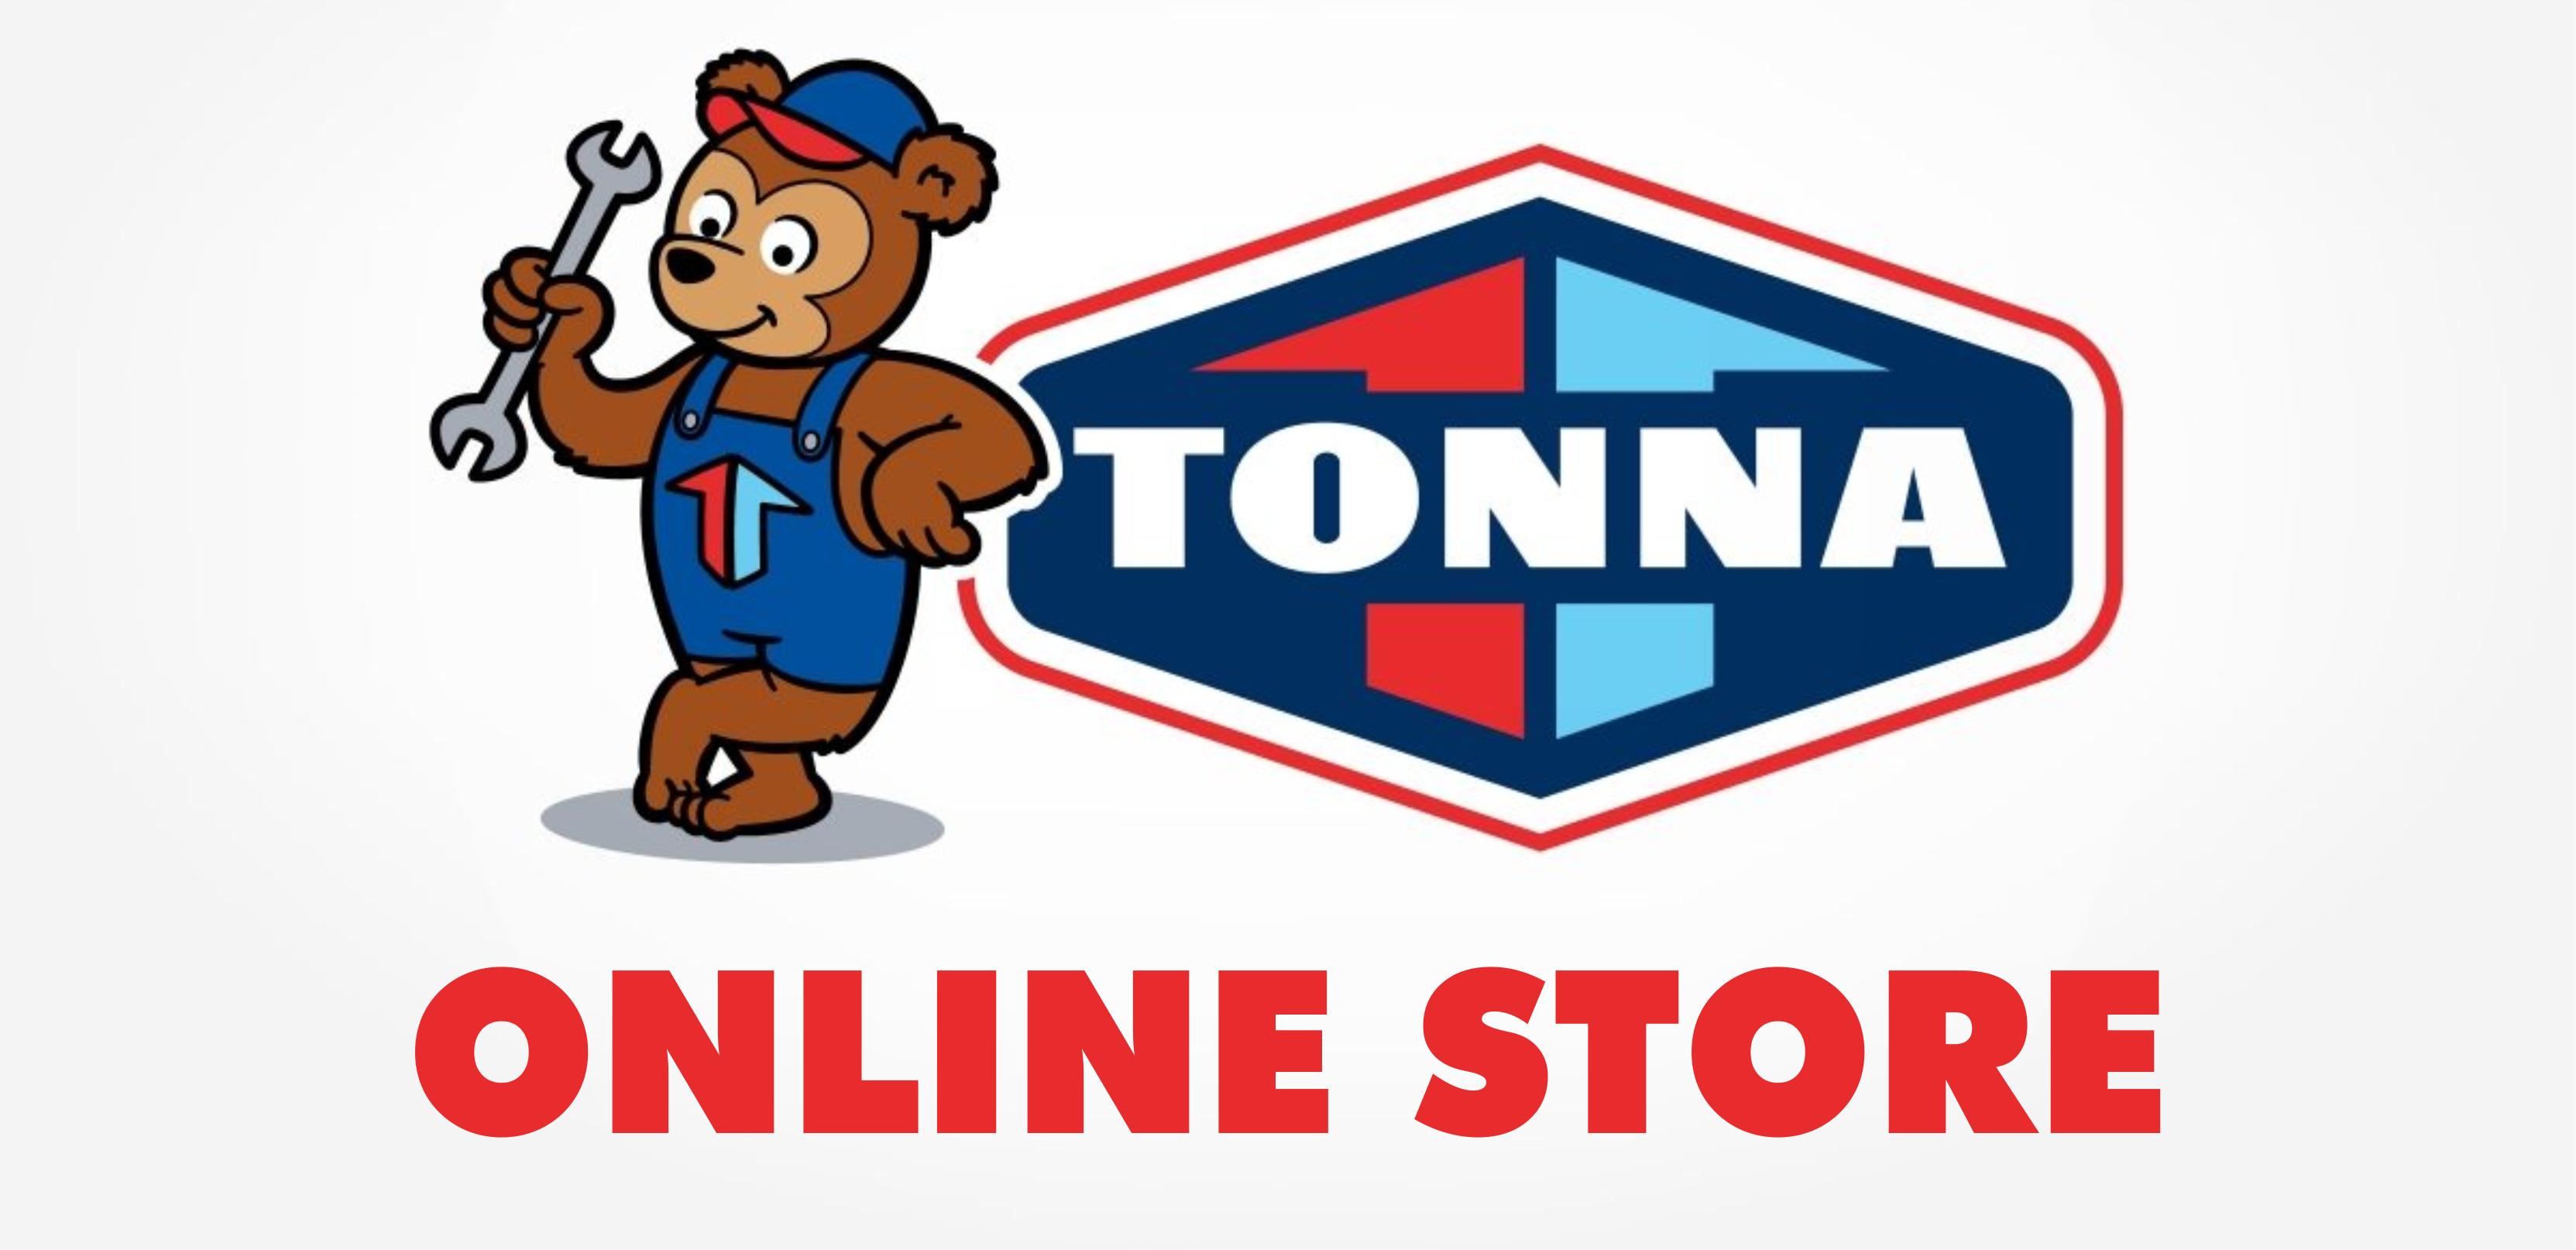 tonna.png